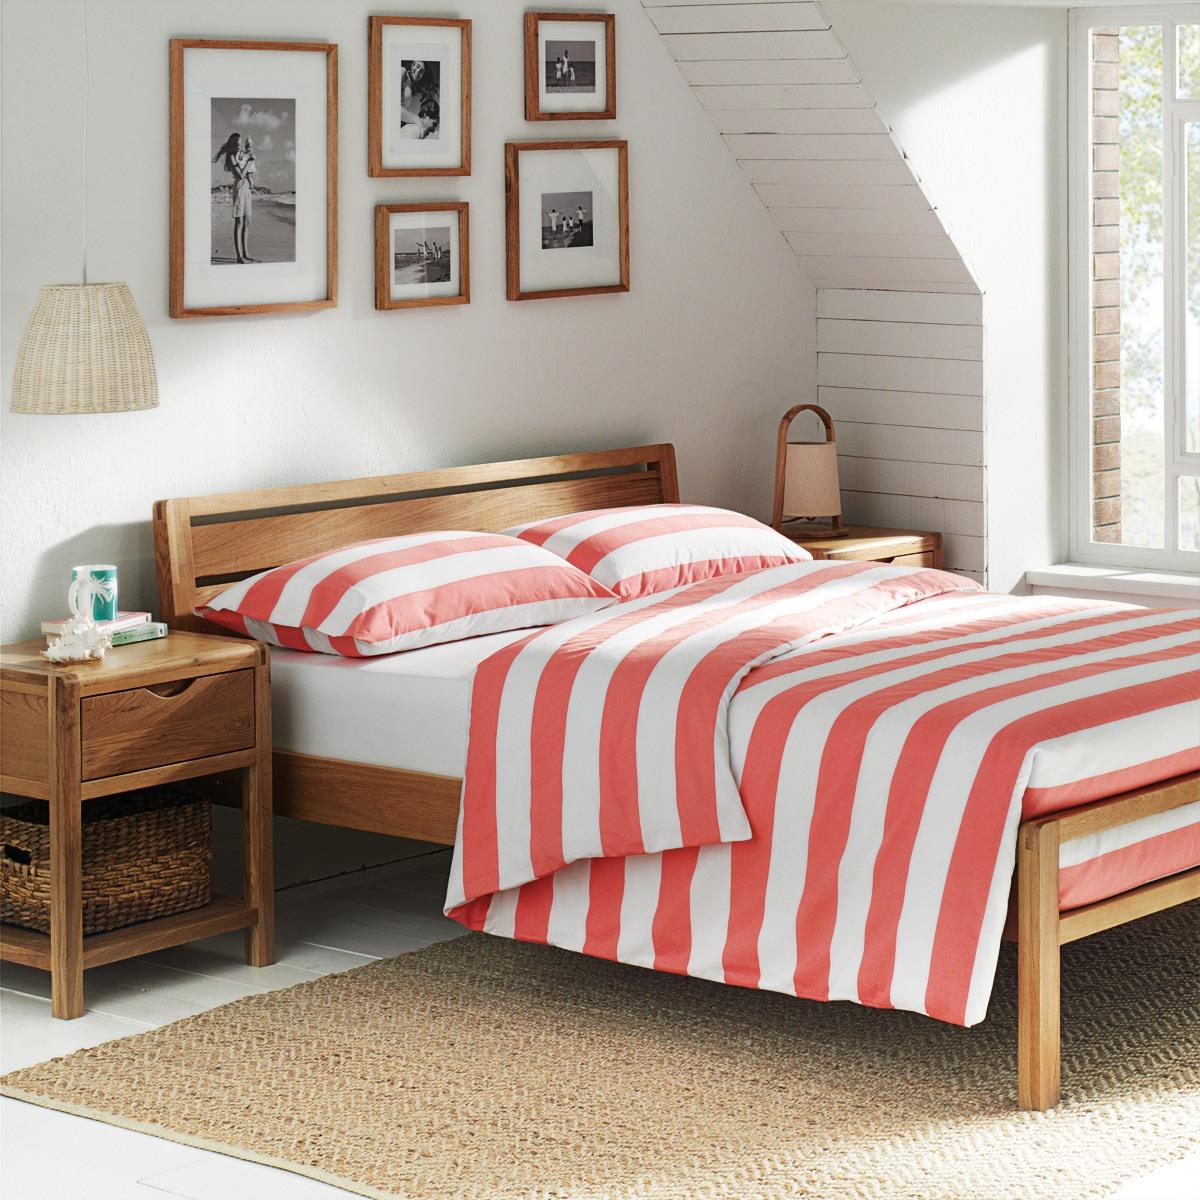 Rebajas el corte ingles verano 2015 cama rustica for Camas el corte ingles